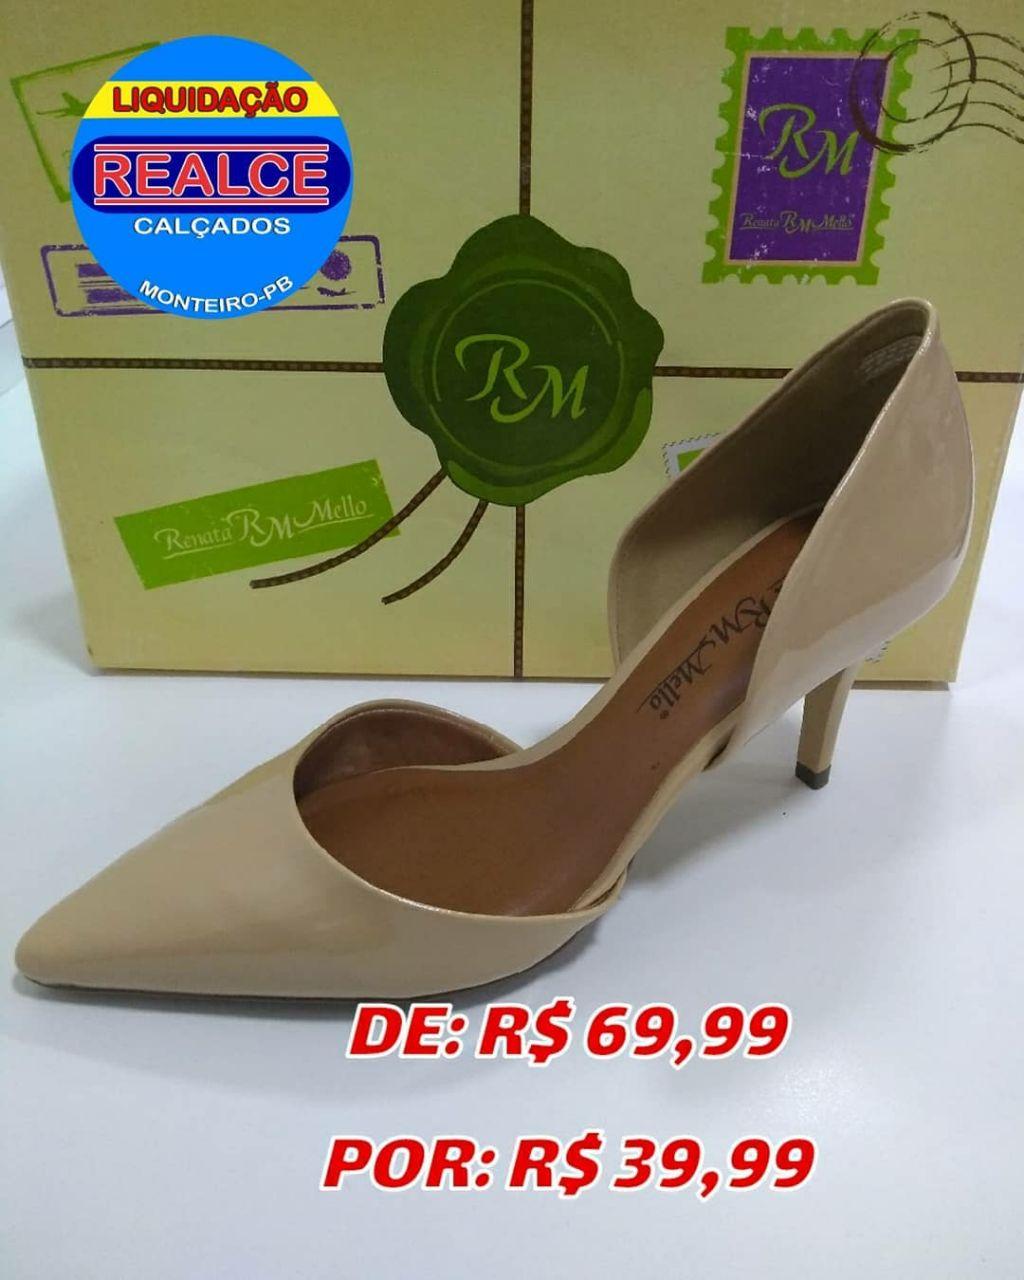 IMG-20180725-WA0211-819x1024 O melhor preço, o maior prazo e as melhores ofertas da região no setor da moda só a realce calçados de Monteiro tem.